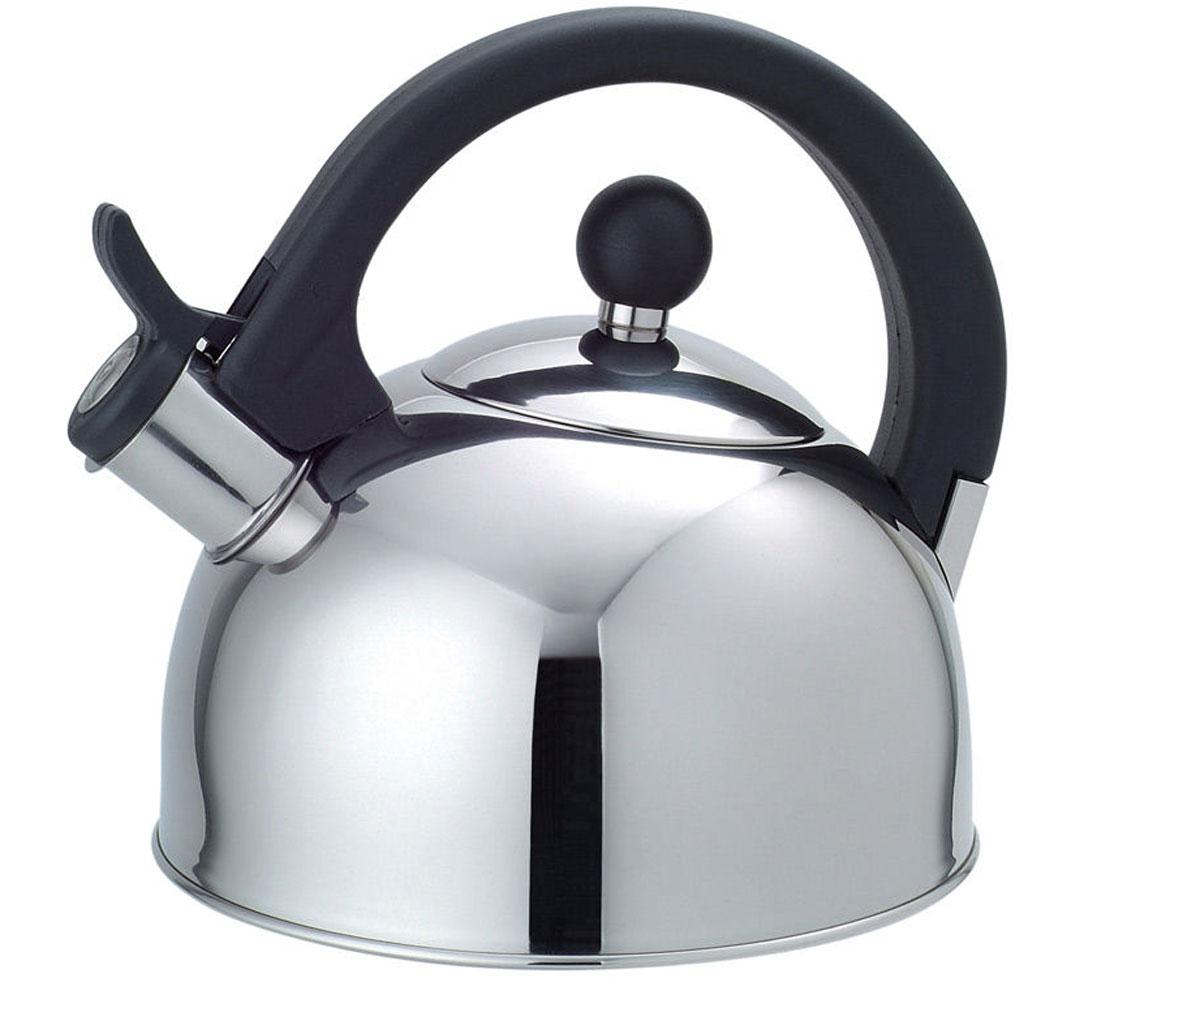 Чайник газовый Добрыня, 2,0 л54 009312Чайник Добрыня окажется незаменимым помощником в приготовлении чая. Высококачественные материалы обеспечивают продолжительную и безопасную эксплуатацию изделия. Кроме оригинального дизайнерского решения, комбинация высококачественного металла и свистка с внешней поверхностью из бакелита не позволяет обжечься о раскаленный носик чайника при открытии клапана, для того, чтобы набрать воду или разлить кипяток по чашкам.